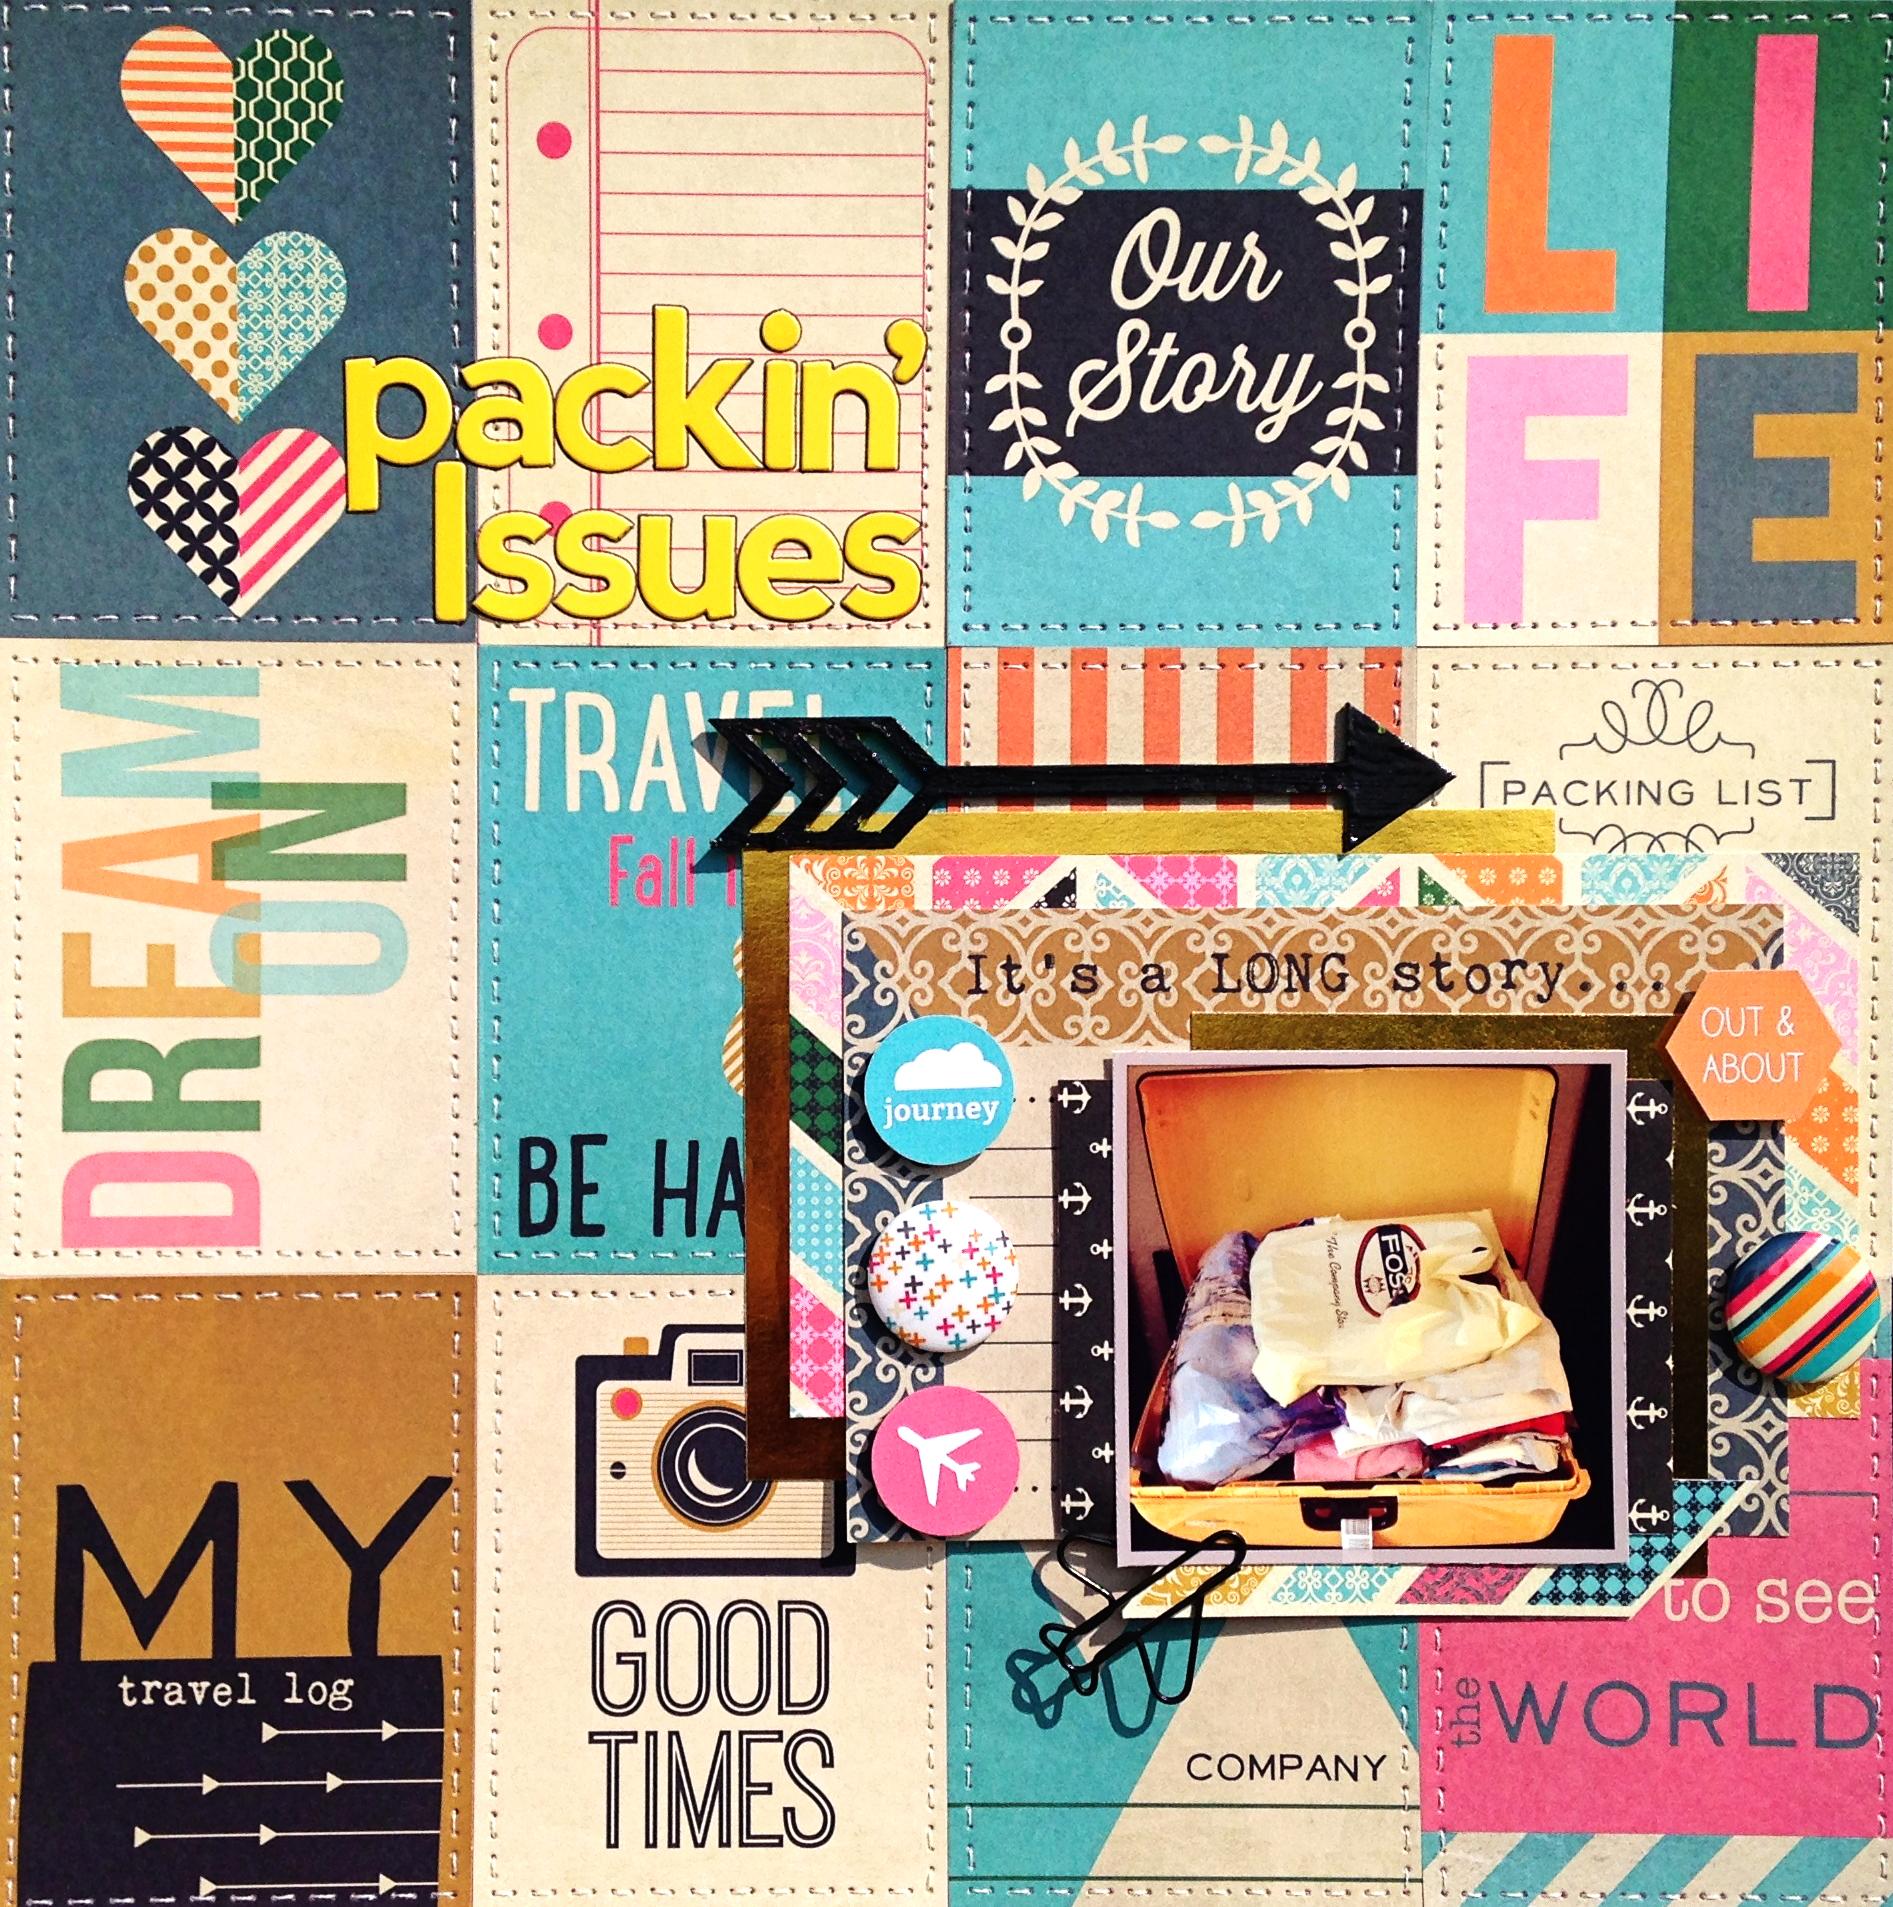 Danielle_de_Konink_PaperIssues_FancyPants